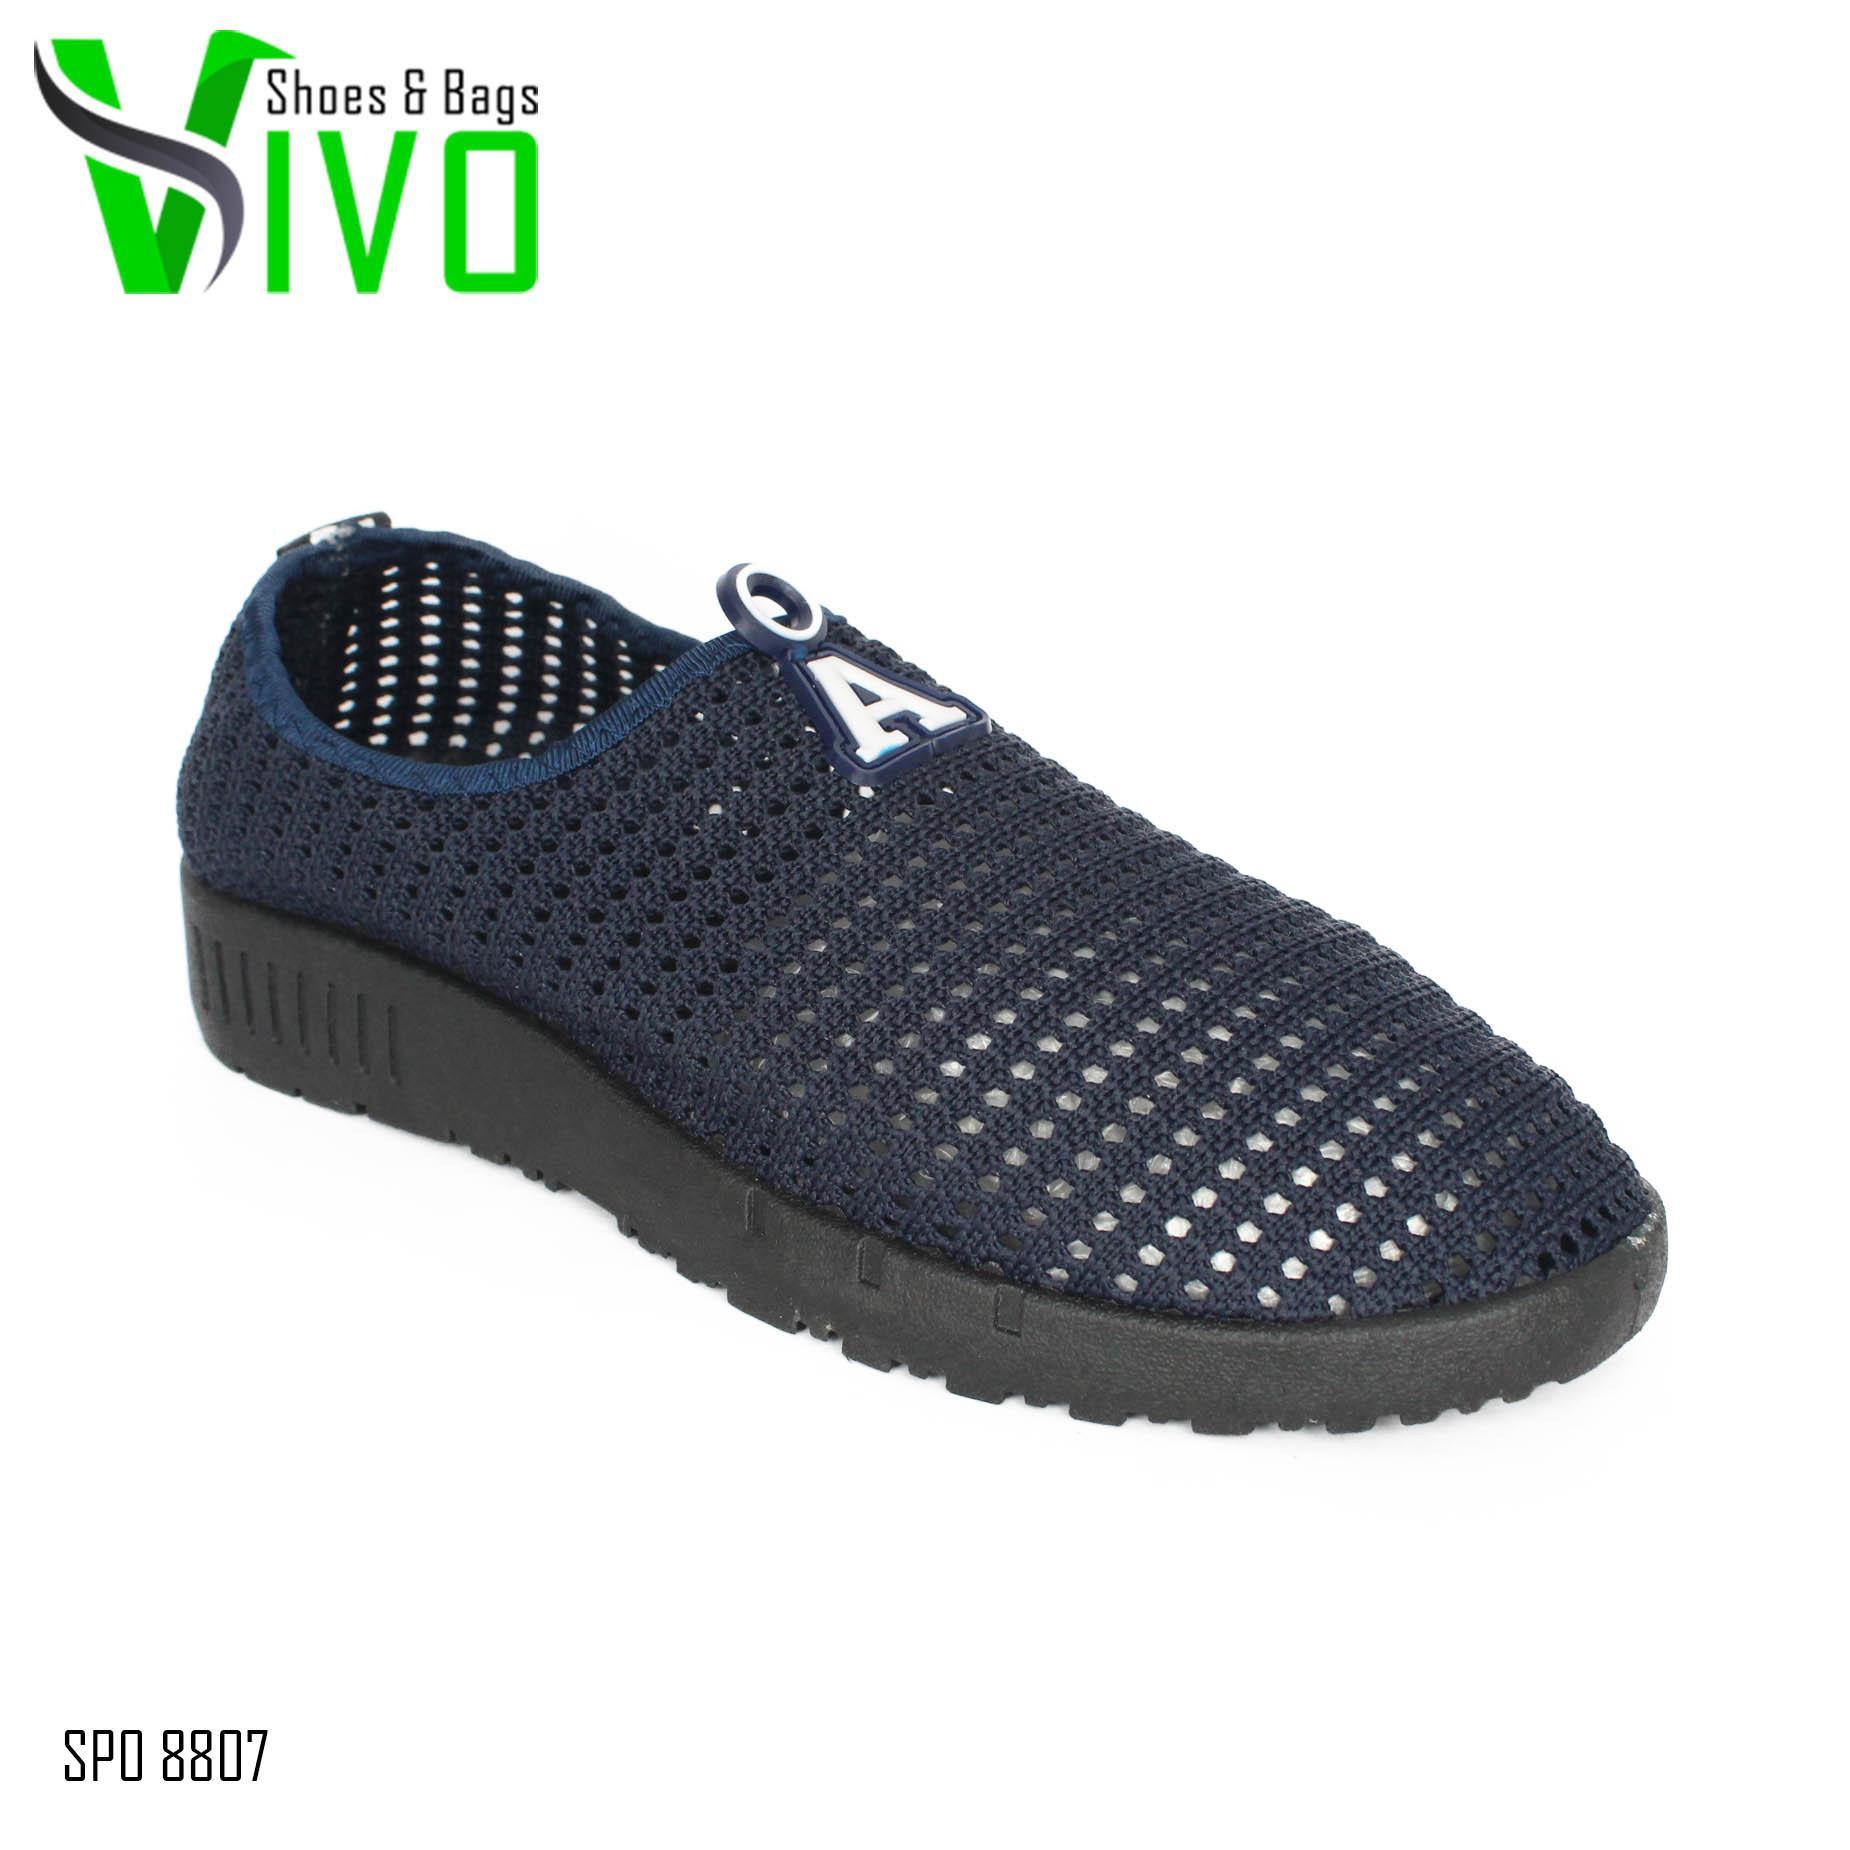 Vivo Fashion Sepatu Casual Pria/Sepatu Slip On Pria/Sepatu Sneakers Pria SP08807 -